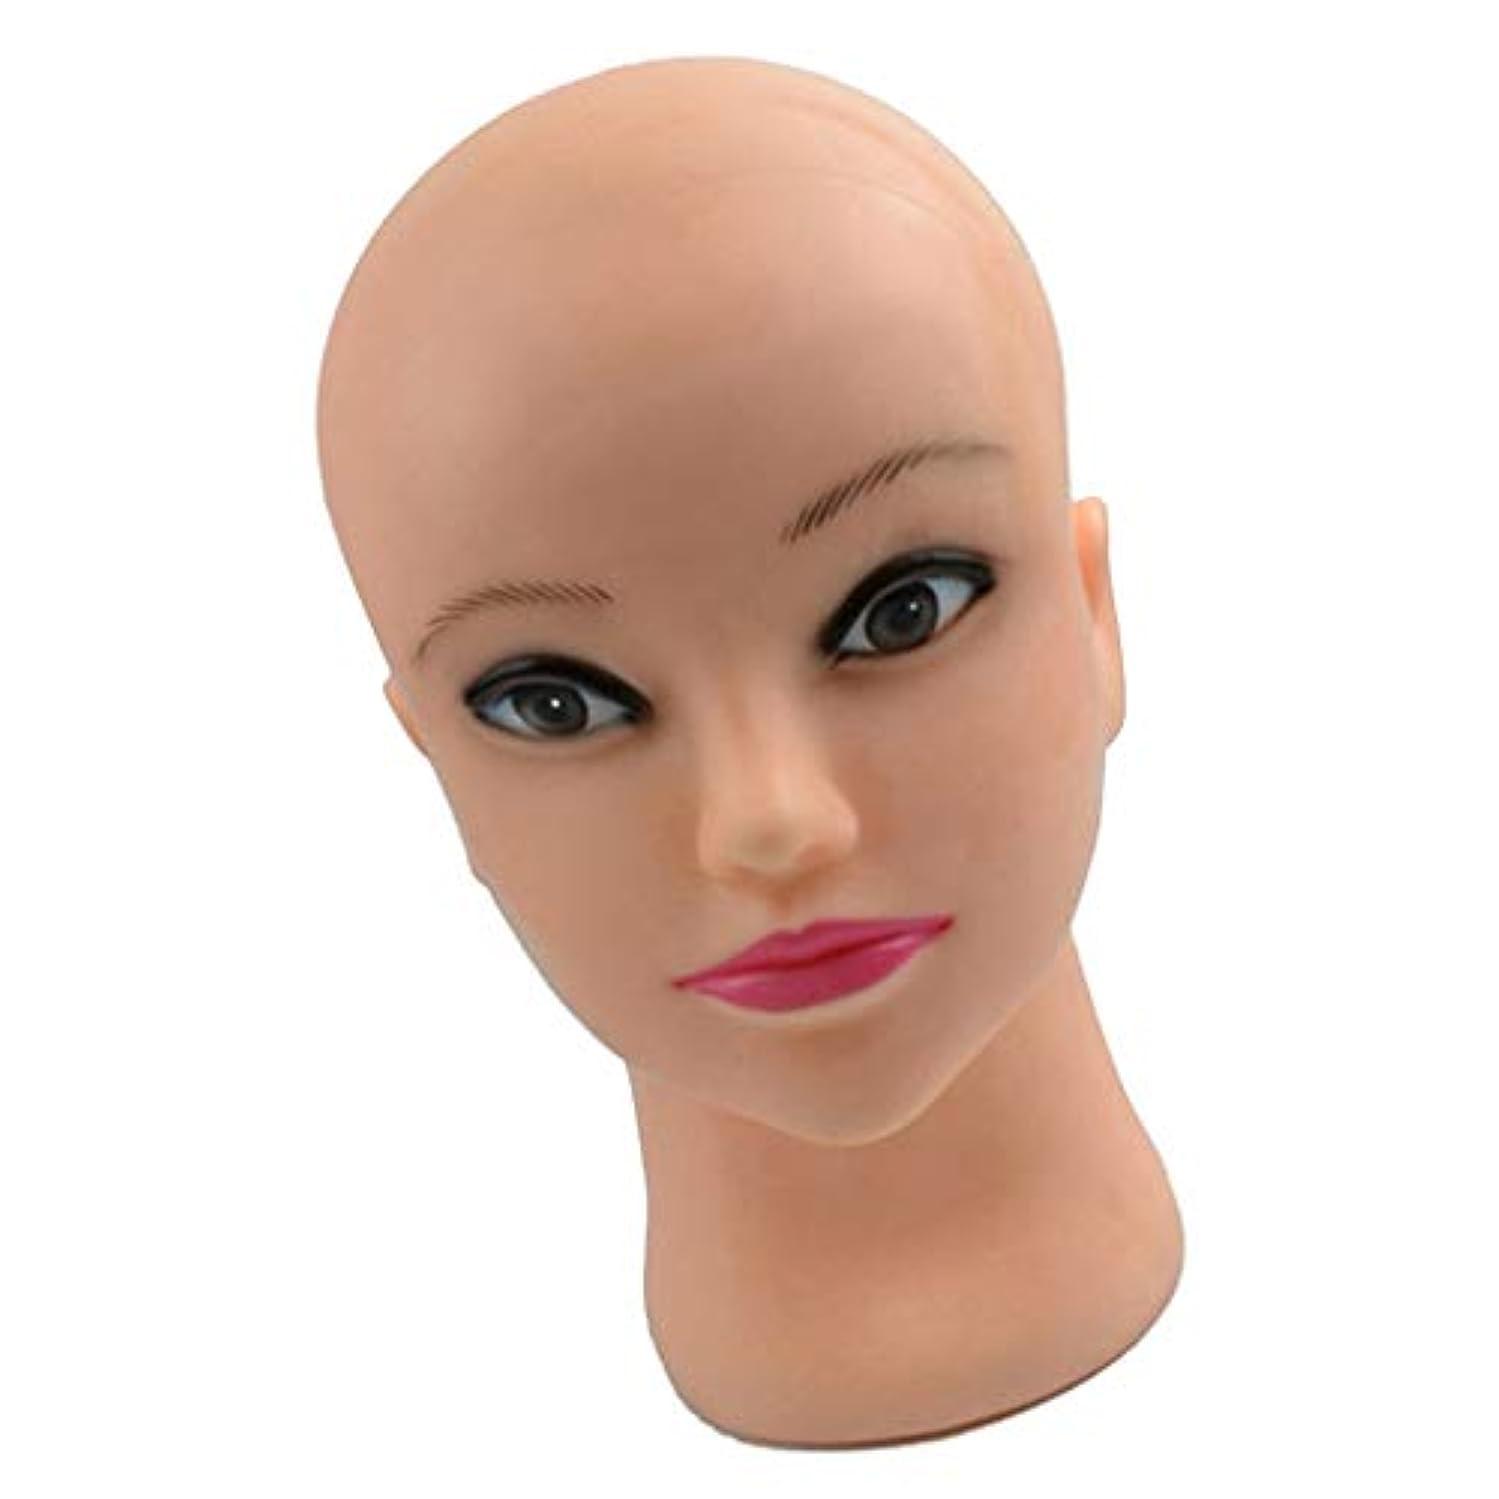 Perfeclan マネキンヘッド メイク 化粧練習 シリコーン メイク練習用 モデル 美容室用 トレーニングに